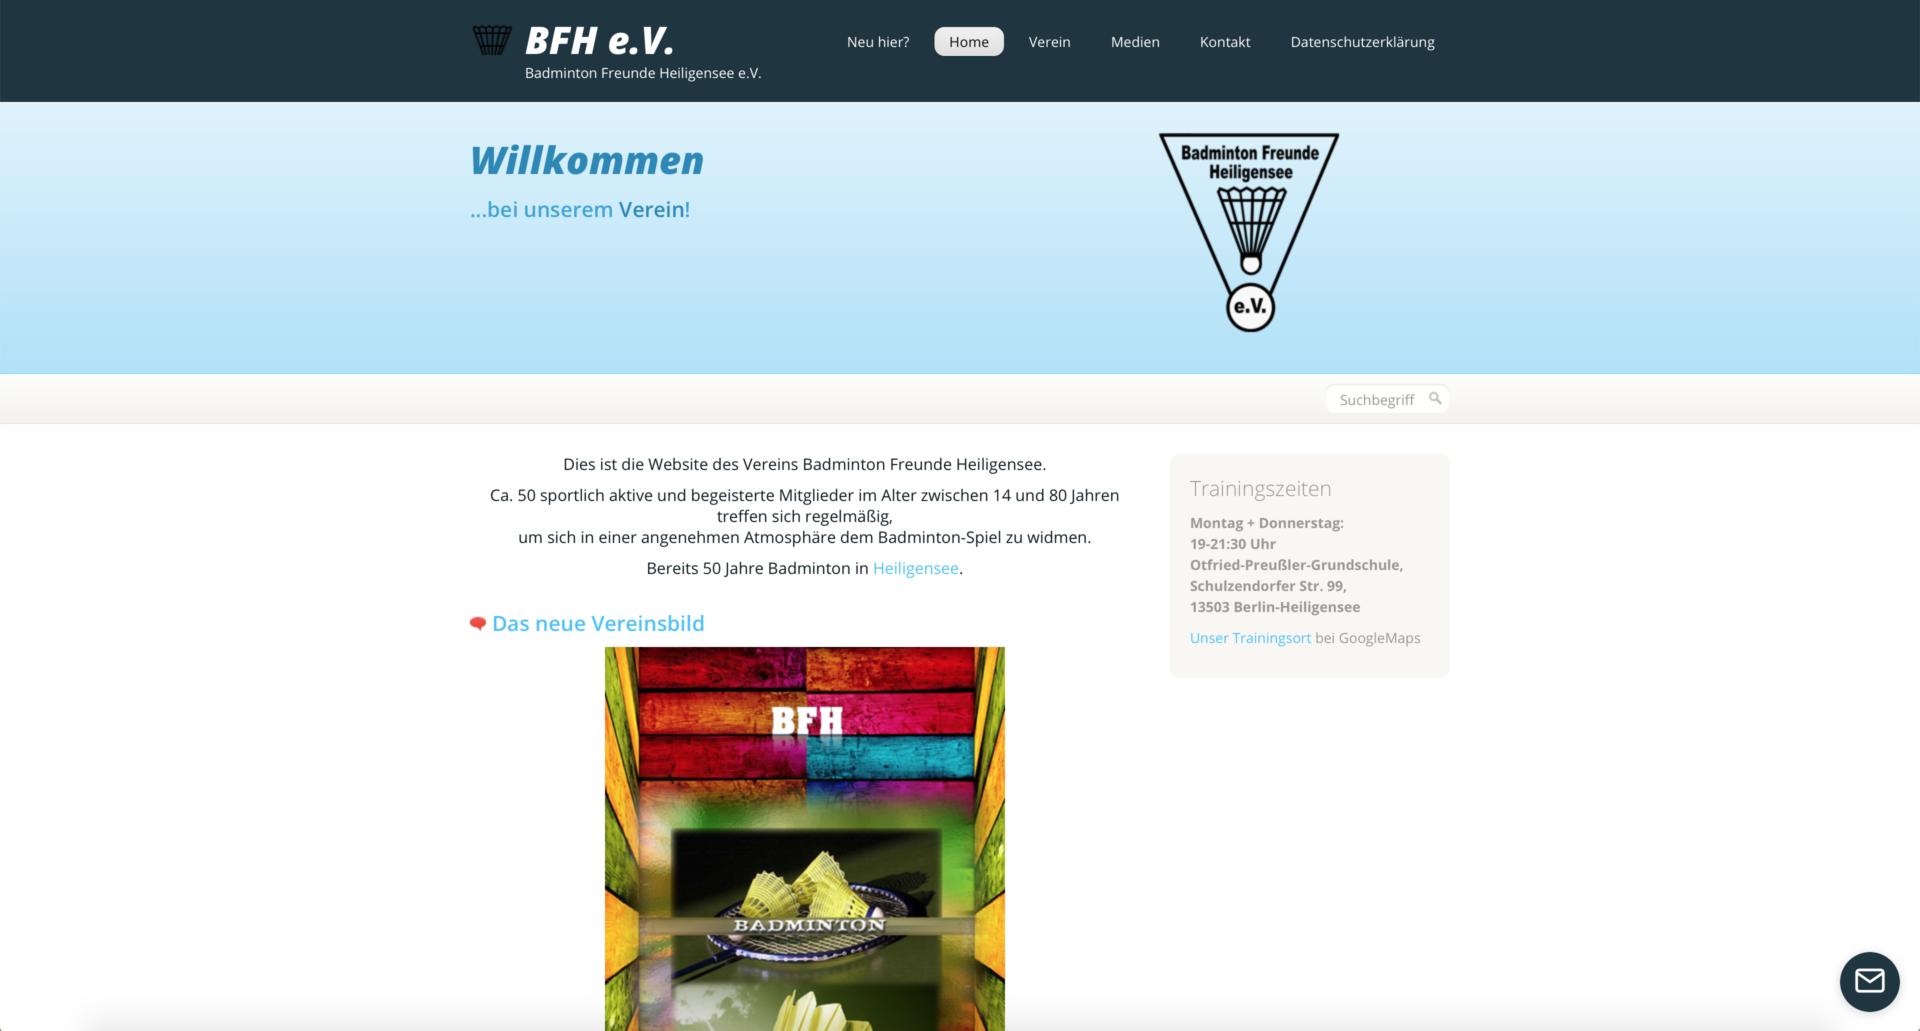 badmintonfreundeheiligensee.de